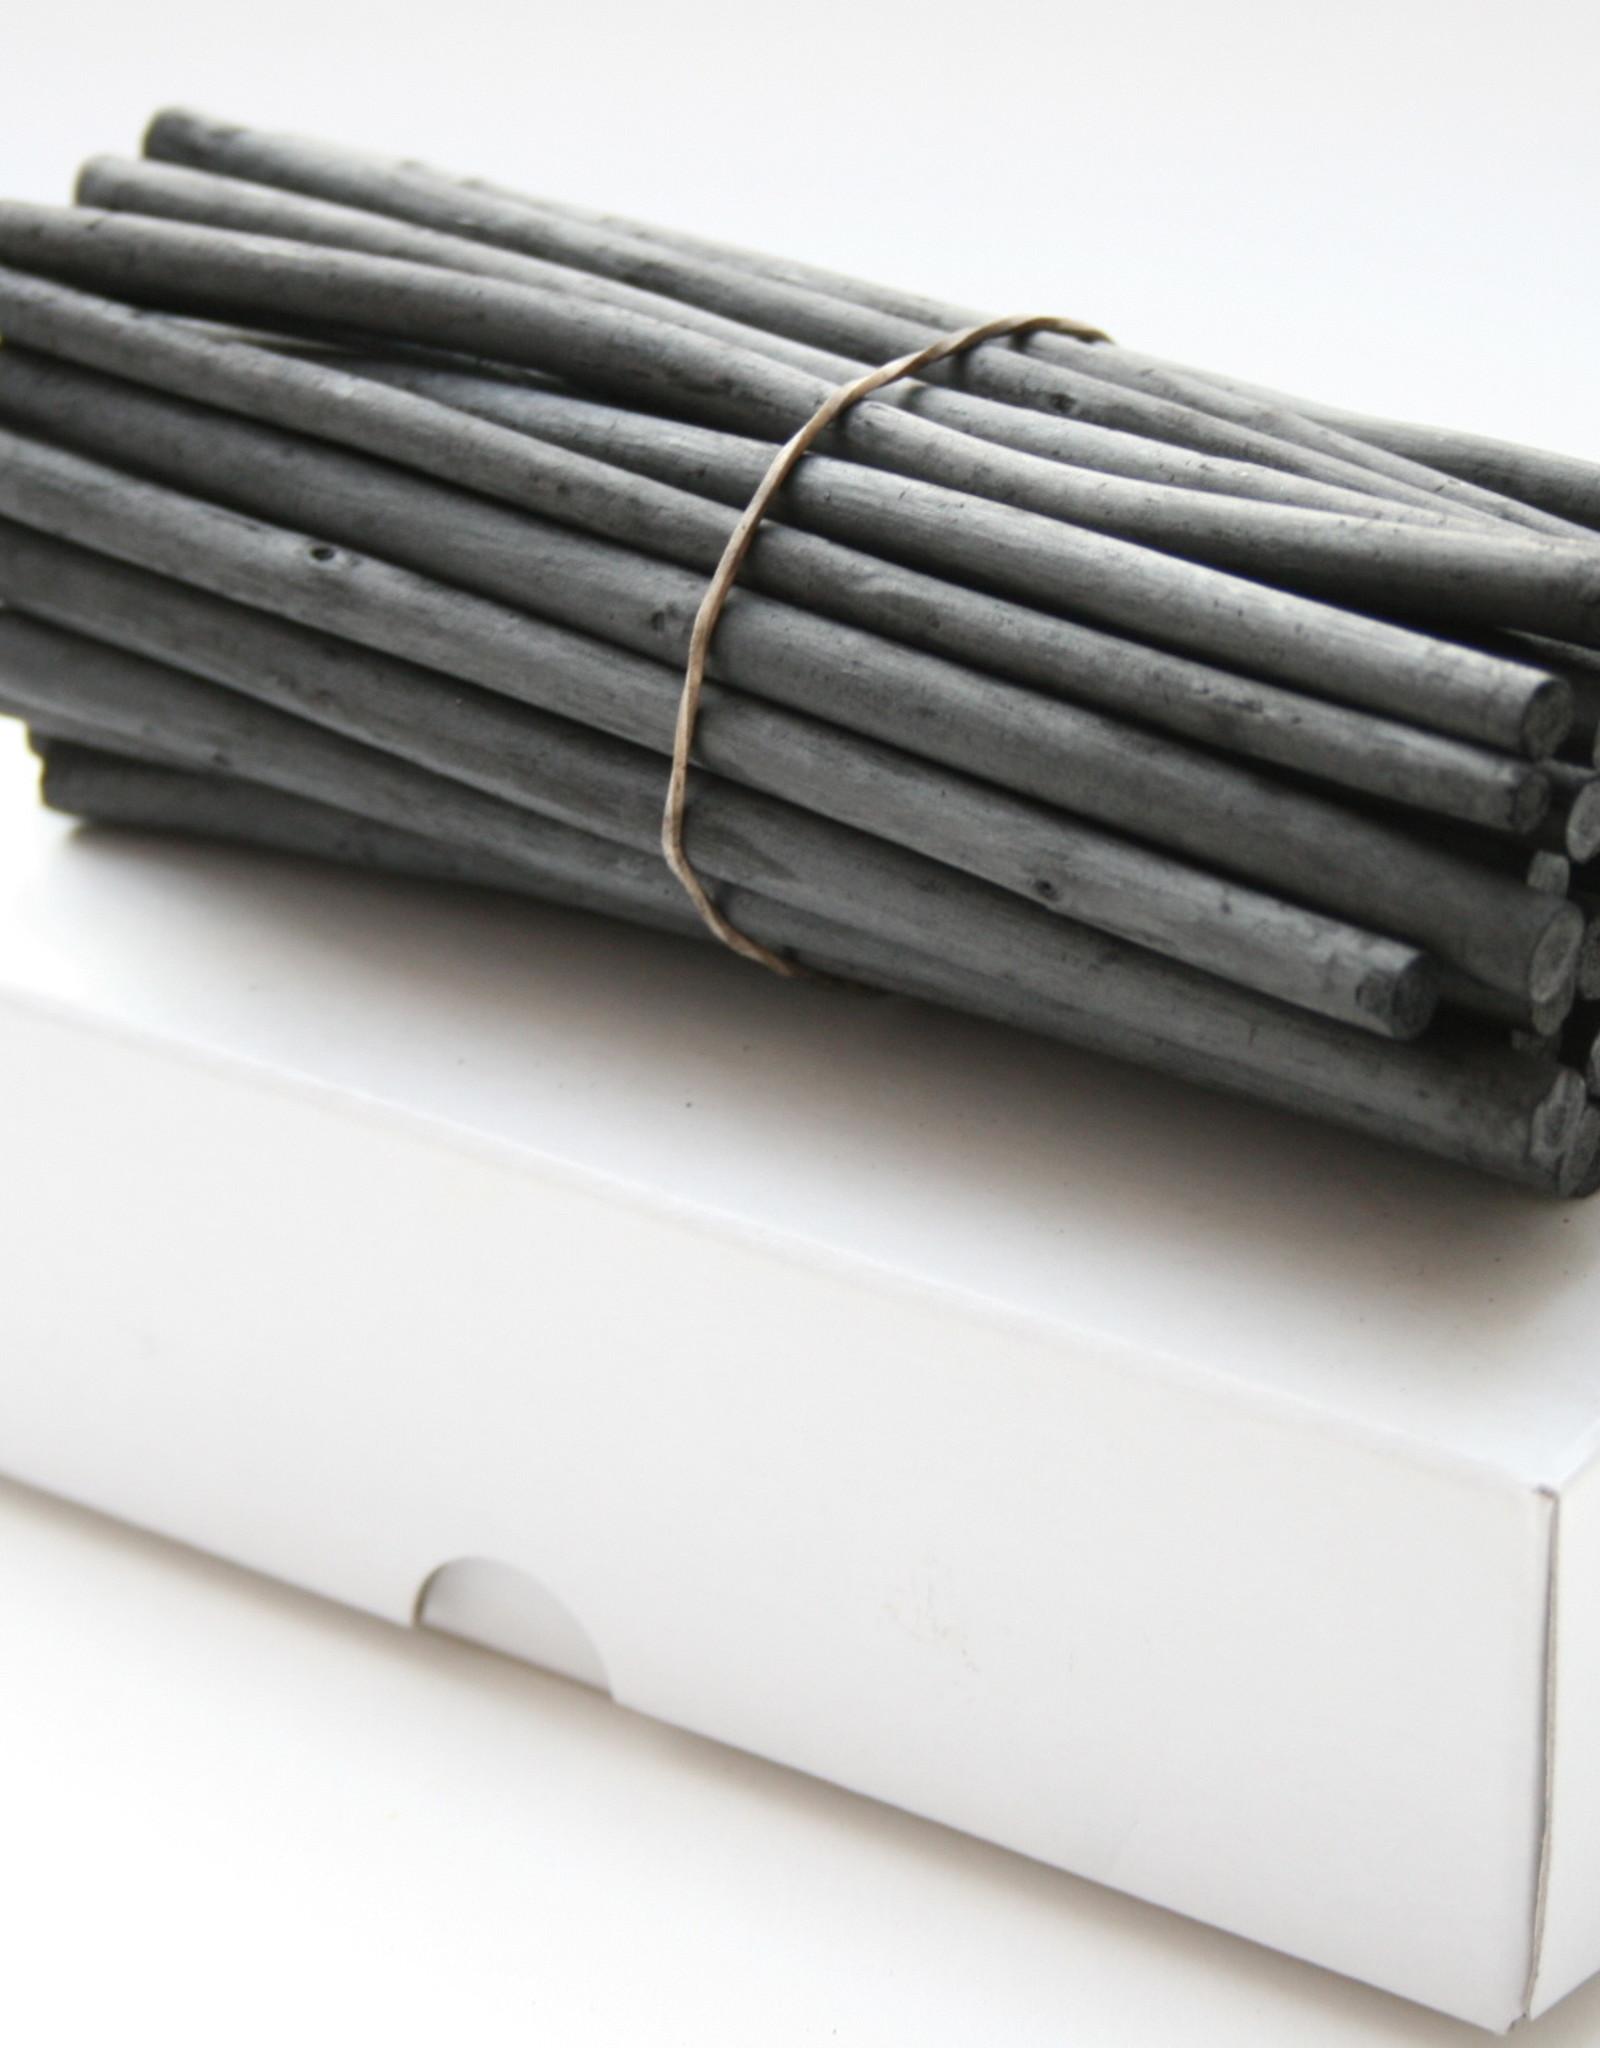 50 stuks houtskool in kartonnen doos doorsnede ±5 6mm